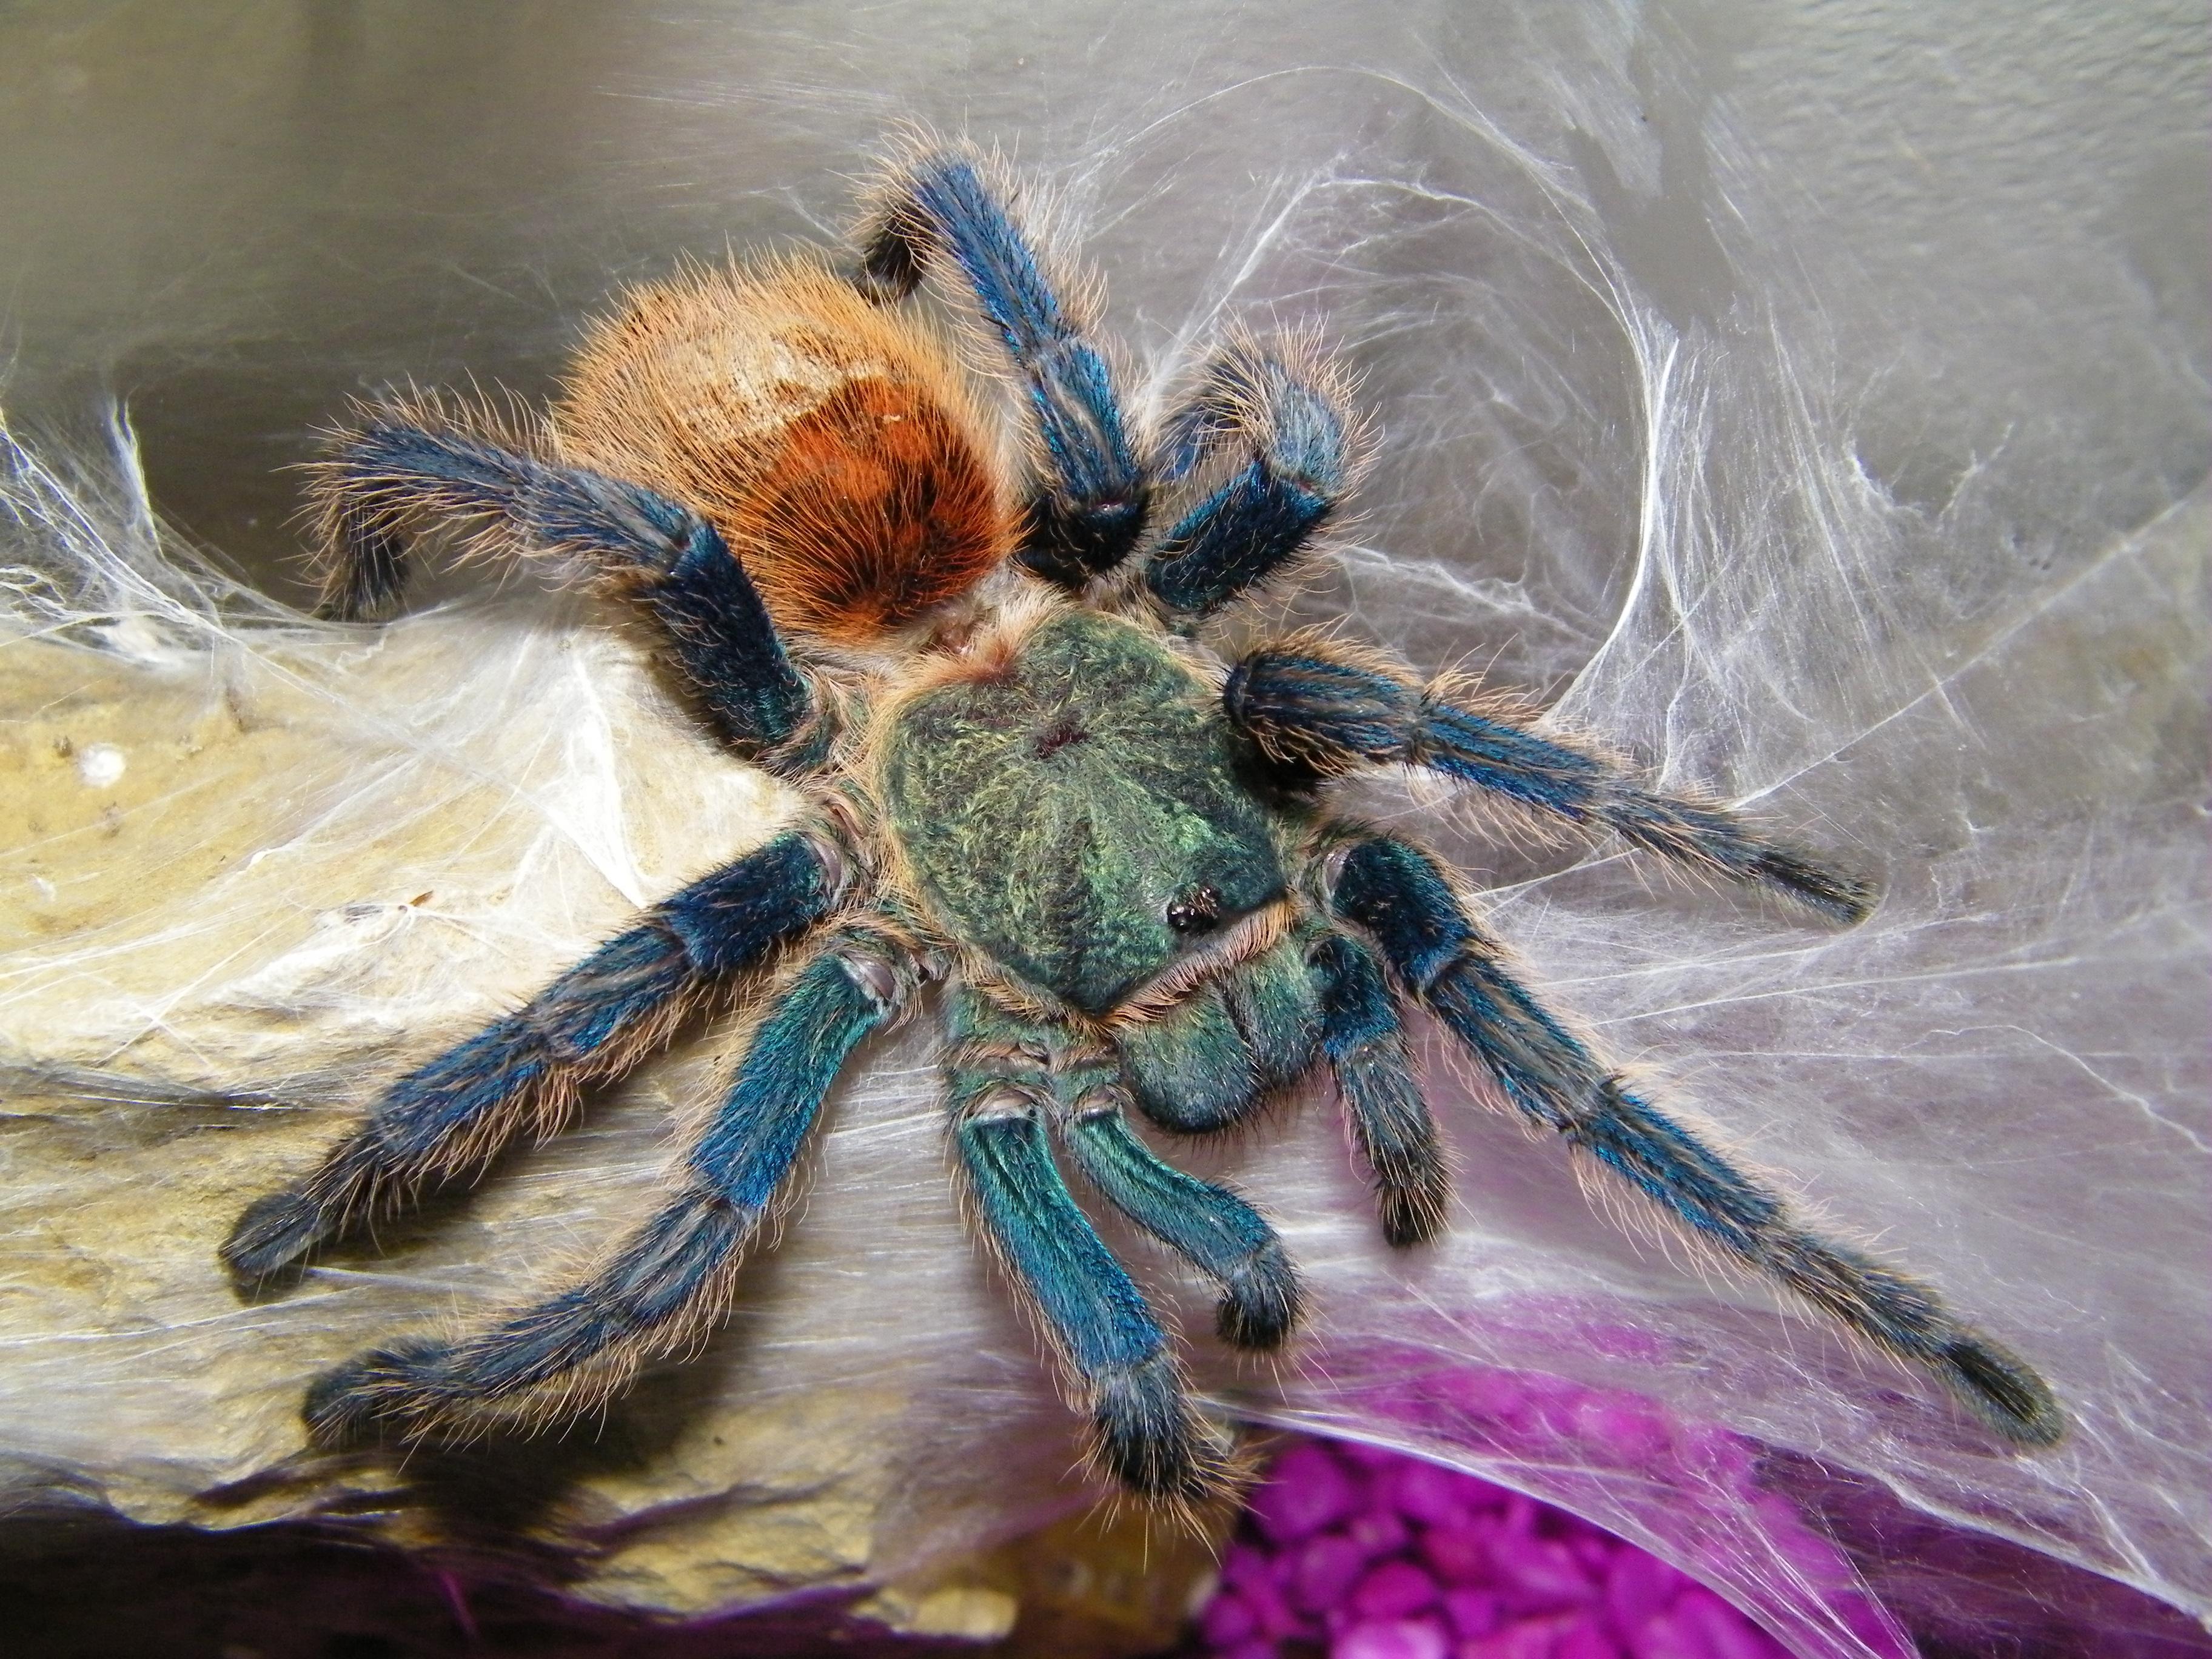 смотреть фото тарантула плечу только комедийные